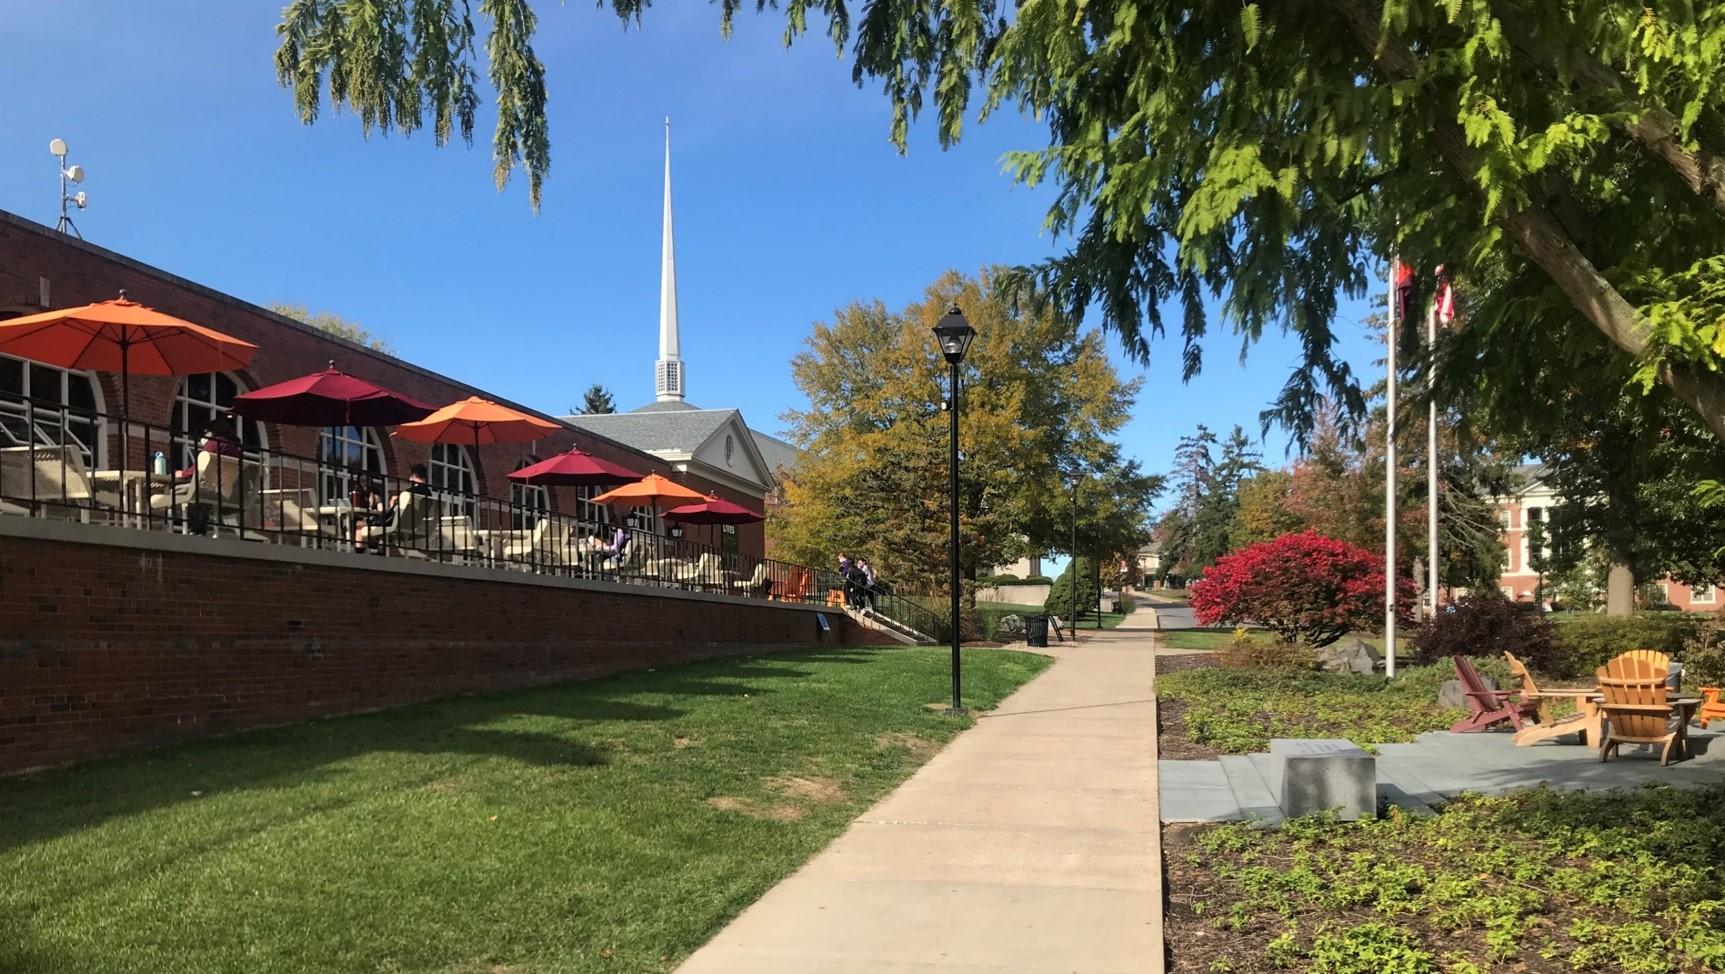 Degenstein Campus Center, Susquehanna University